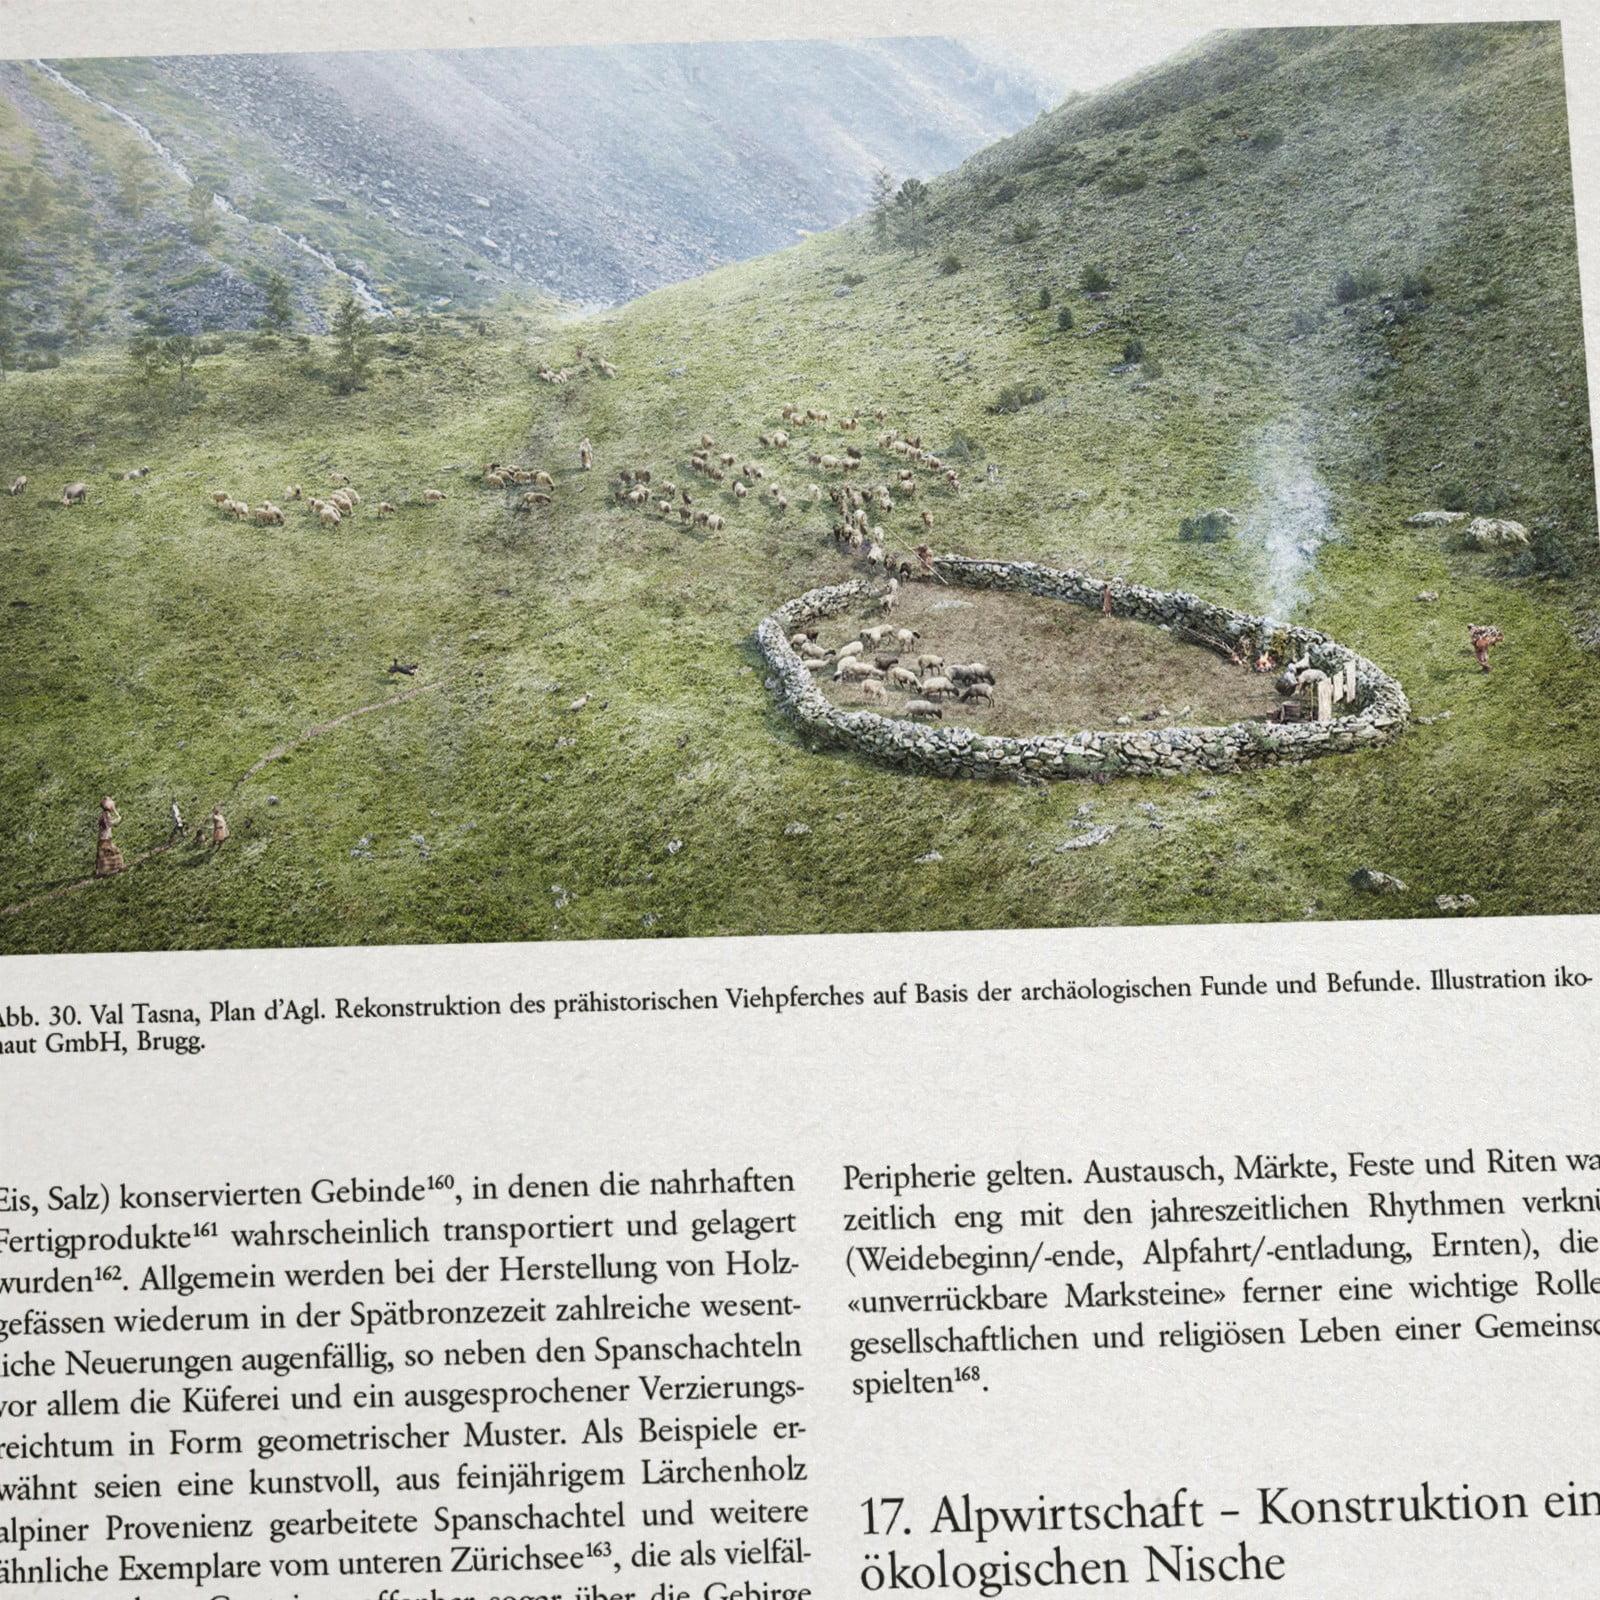 Praehistorische Alpwirtschaft 03 ikonaut